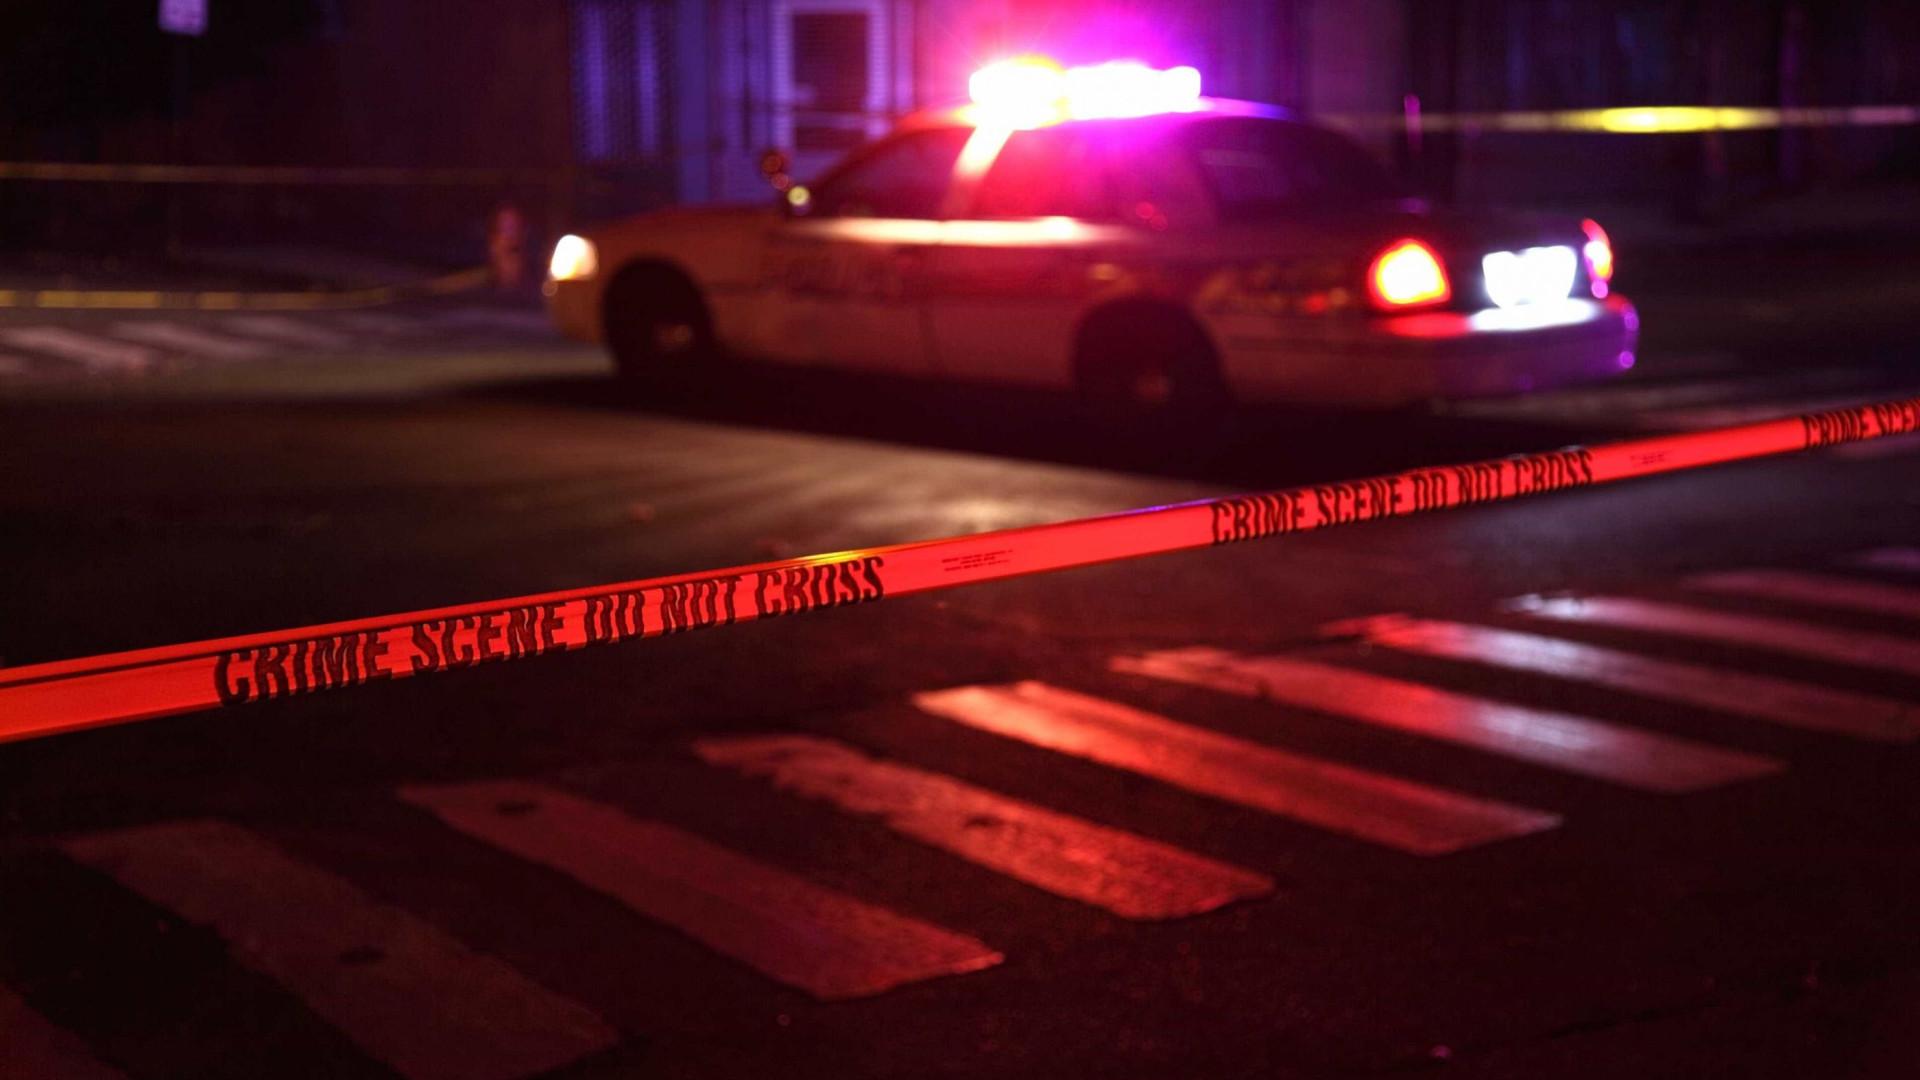 Autoridades em alerta após tiros em universidade nos subúrbios de Chicago